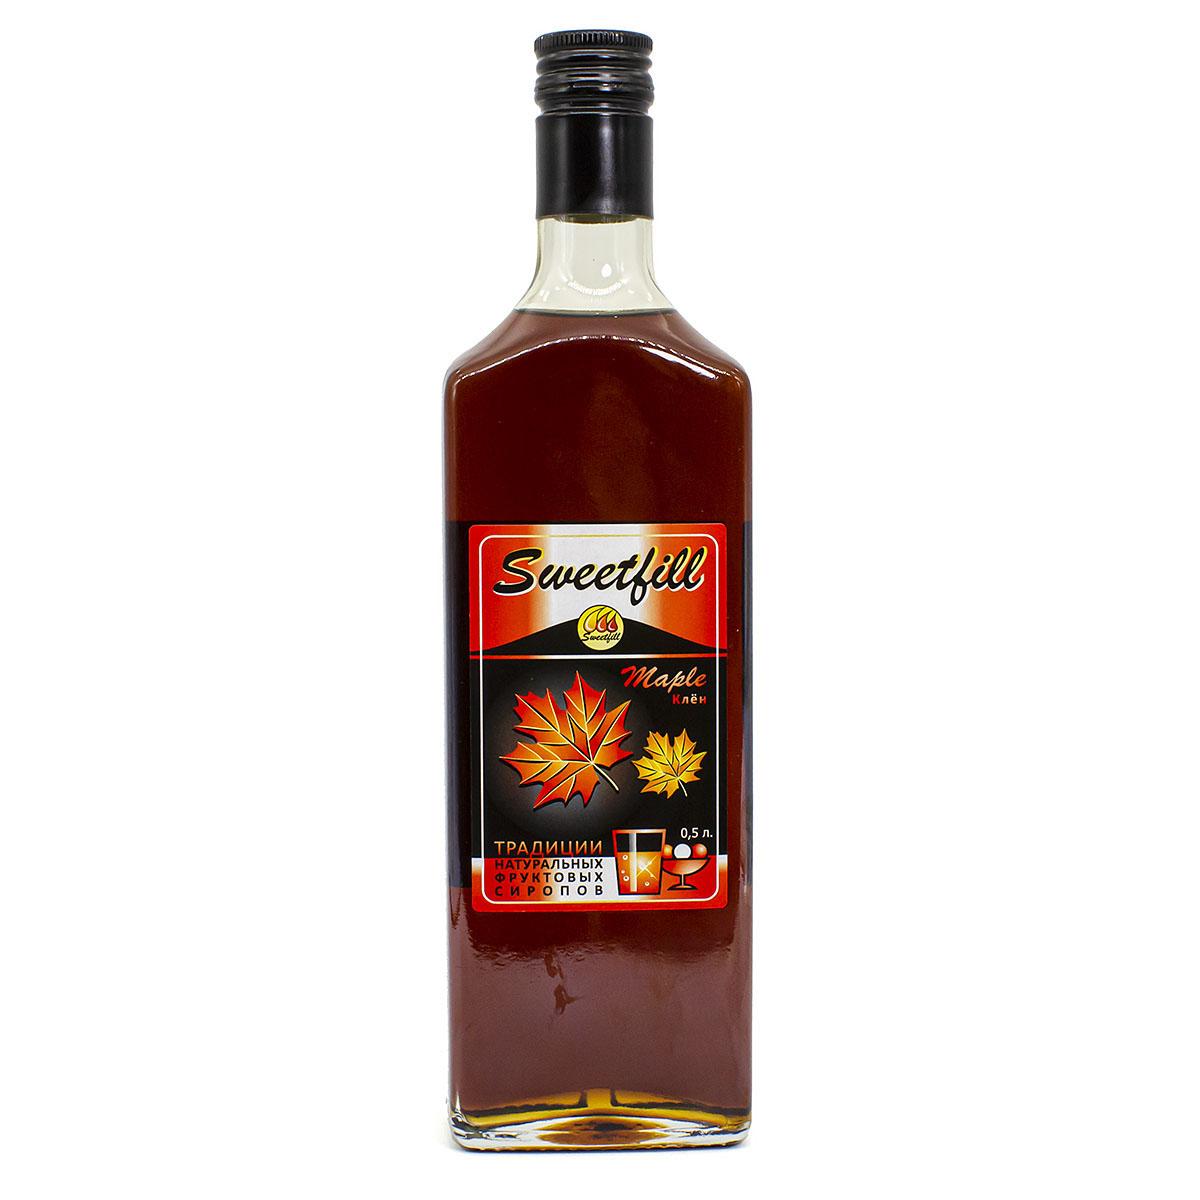 Сироп Sweetfill Клён, 0,5 л сироп sweetfill маракуйя 0 5 л